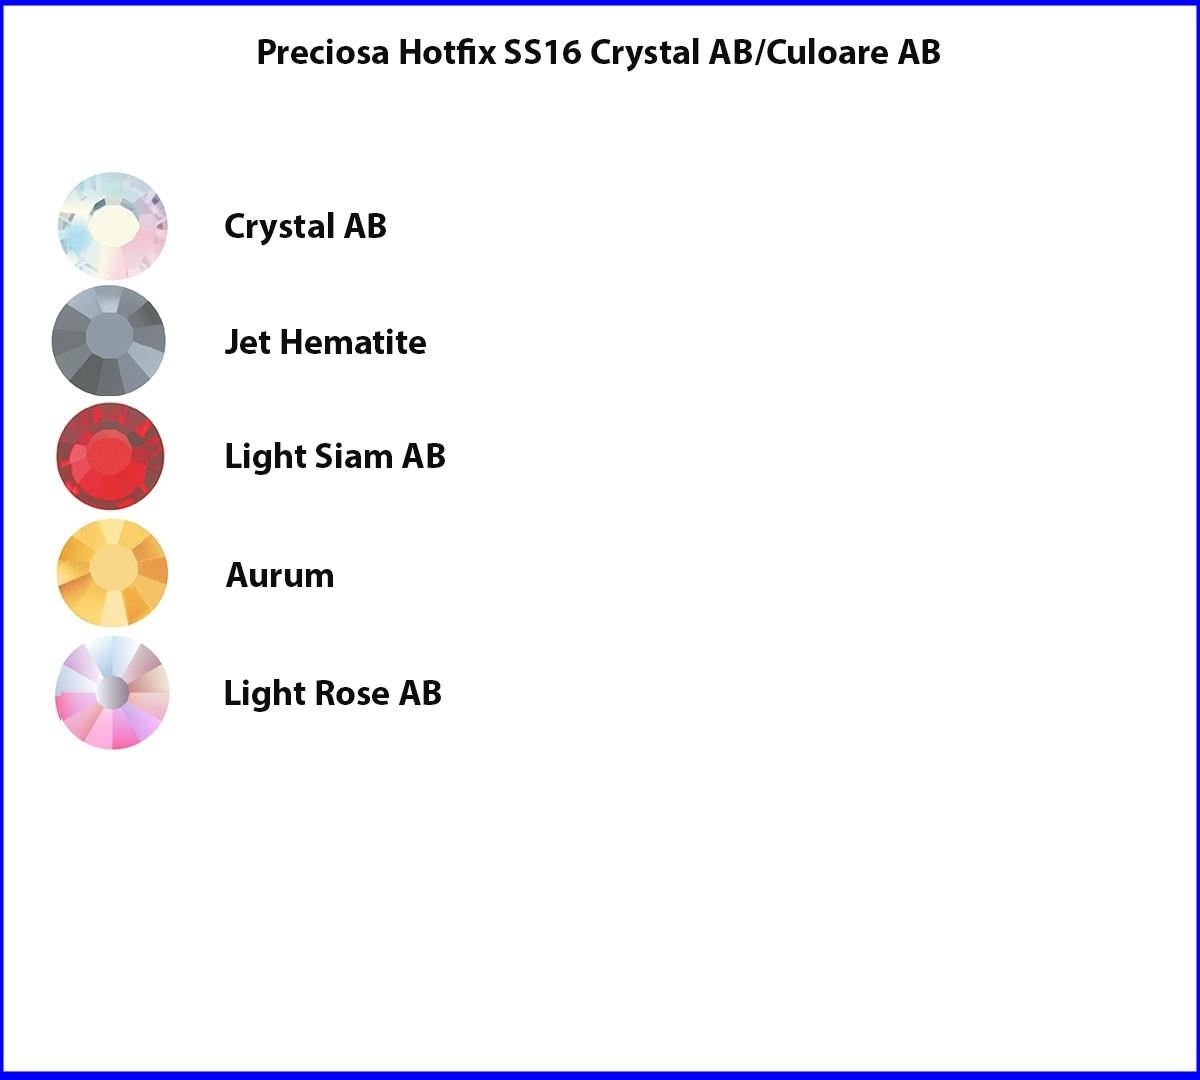 Preciosa Hotfix SS16 Culoare AB/Crystal AB